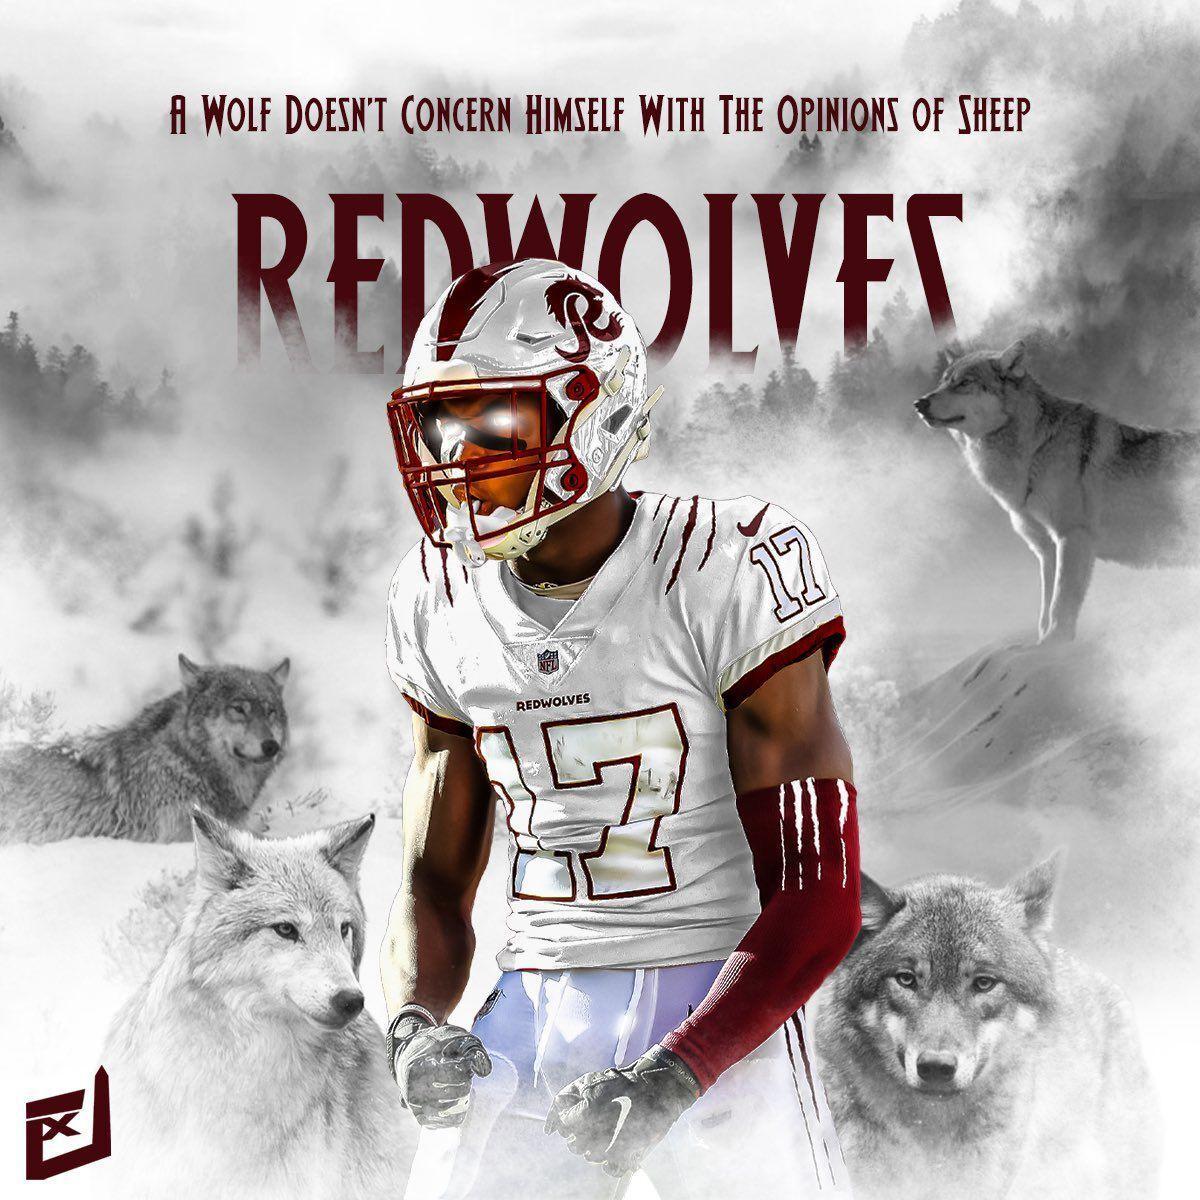 Washington Redwolves mock-up